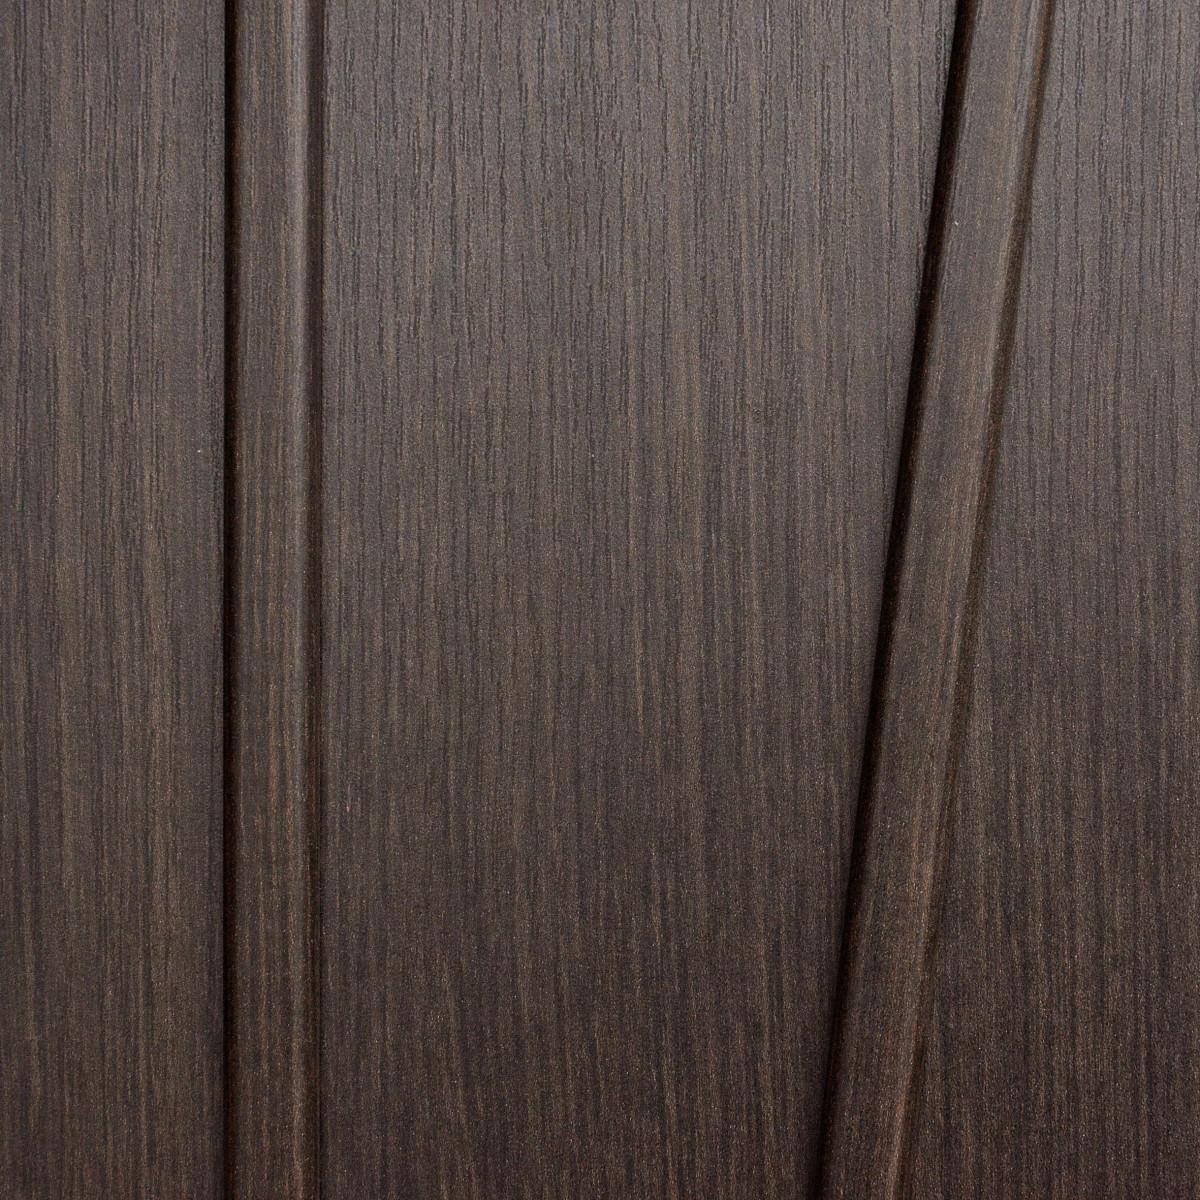 Дверь Межкомнатная Глухая Ламинированная Белеза 70x200 Цвет Венге